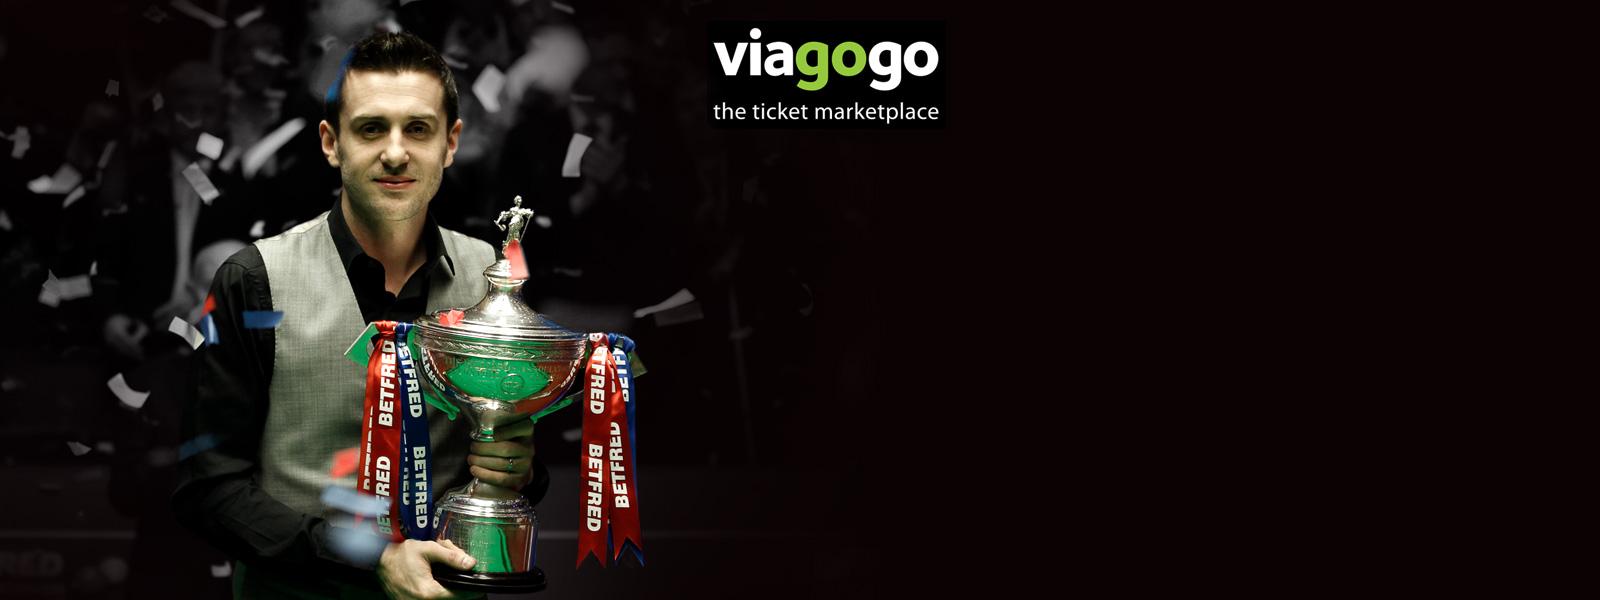 Viagogo Promo Code